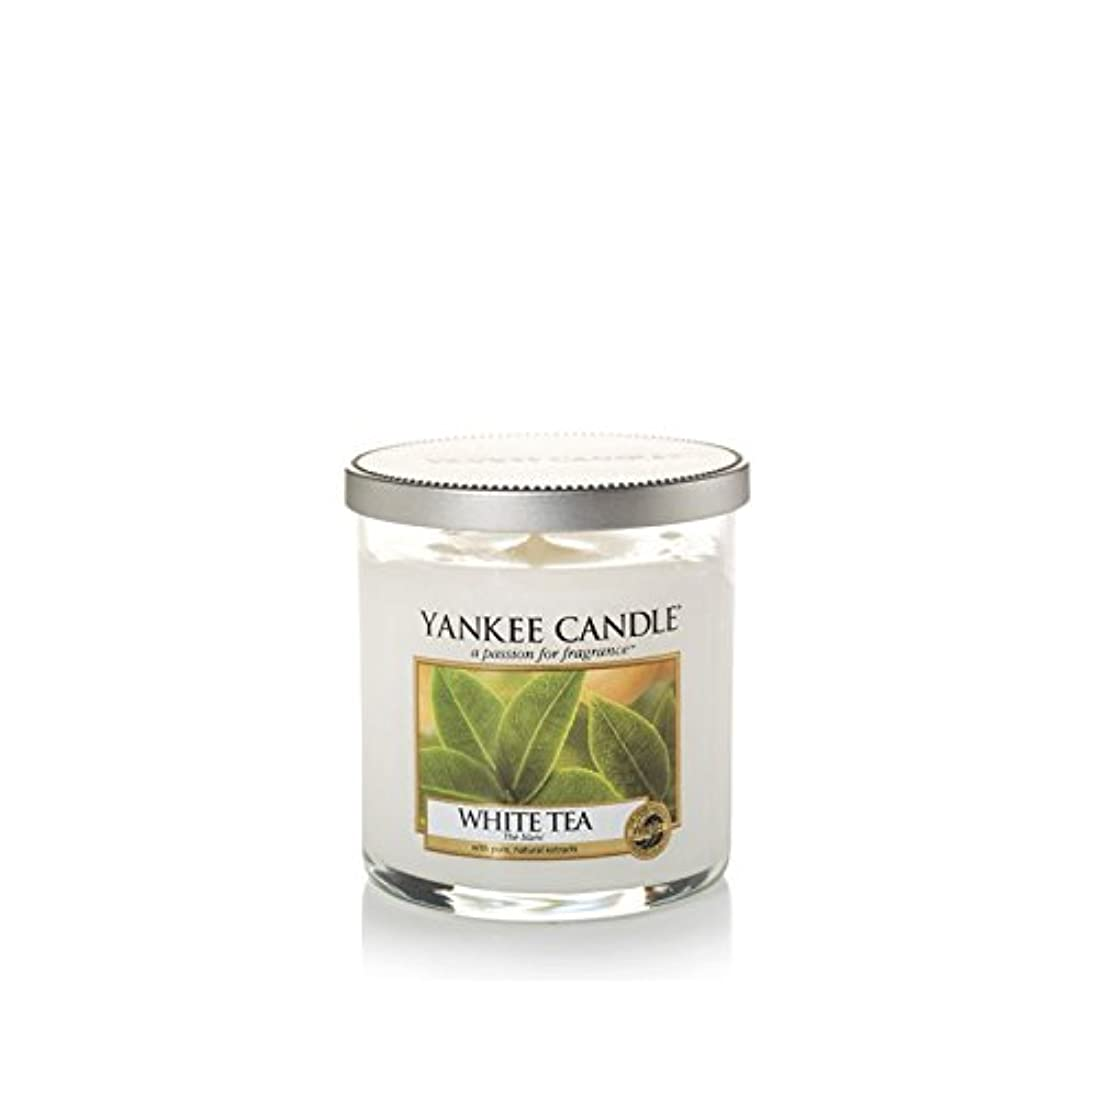 一族シットコムメッセージヤンキーキャンドルの小さな柱キャンドル - ホワイトティー - Yankee Candles Small Pillar Candle - White Tea (Yankee Candles) [並行輸入品]